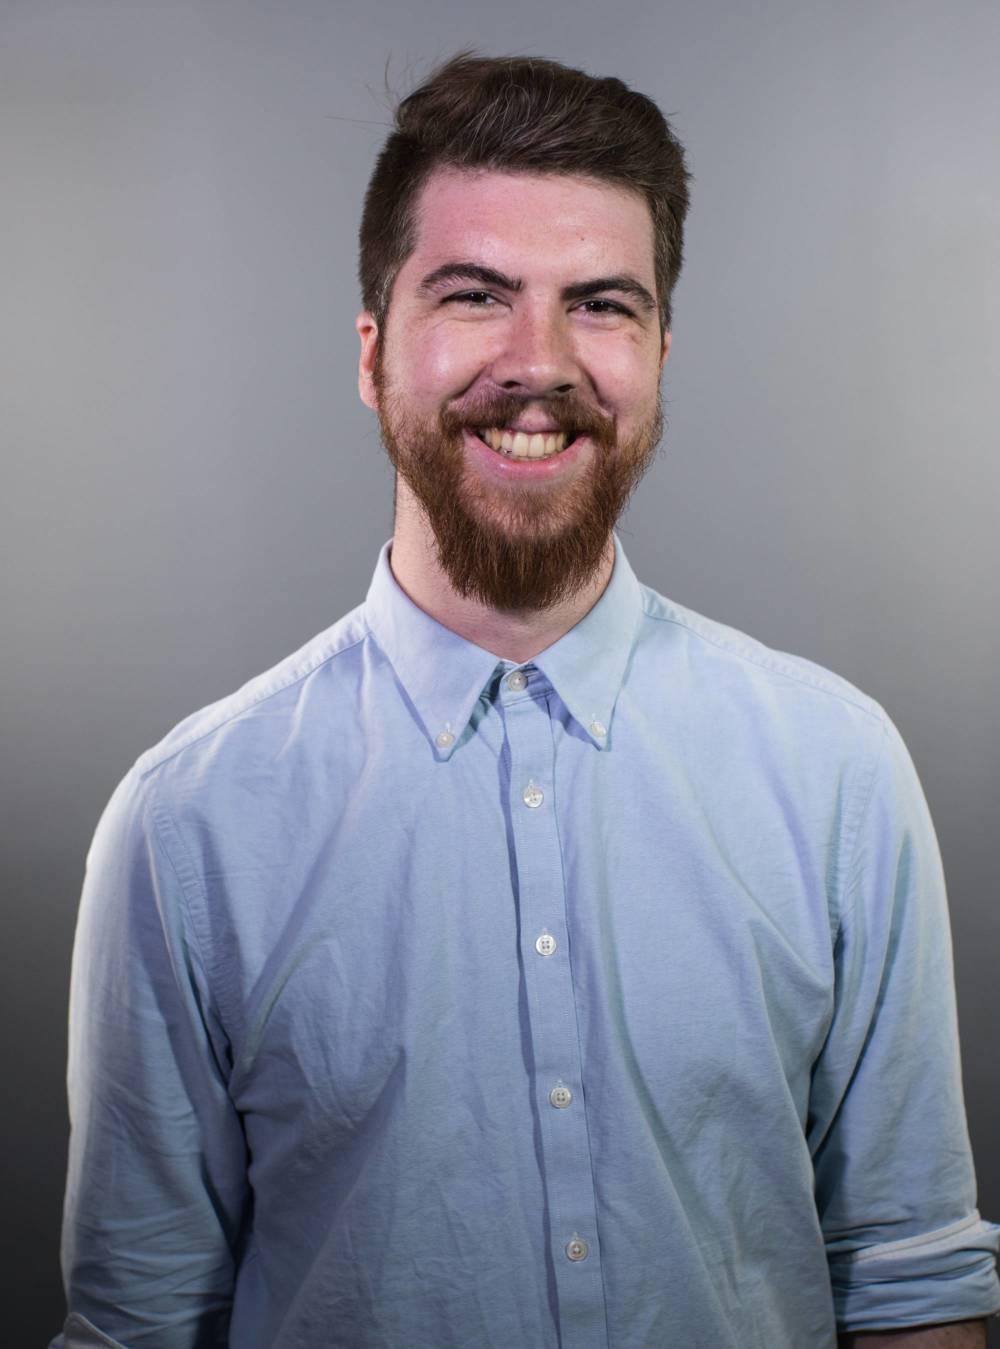 Simon Koschel kümmert sich für Twitch um die deutschsprachige Community.